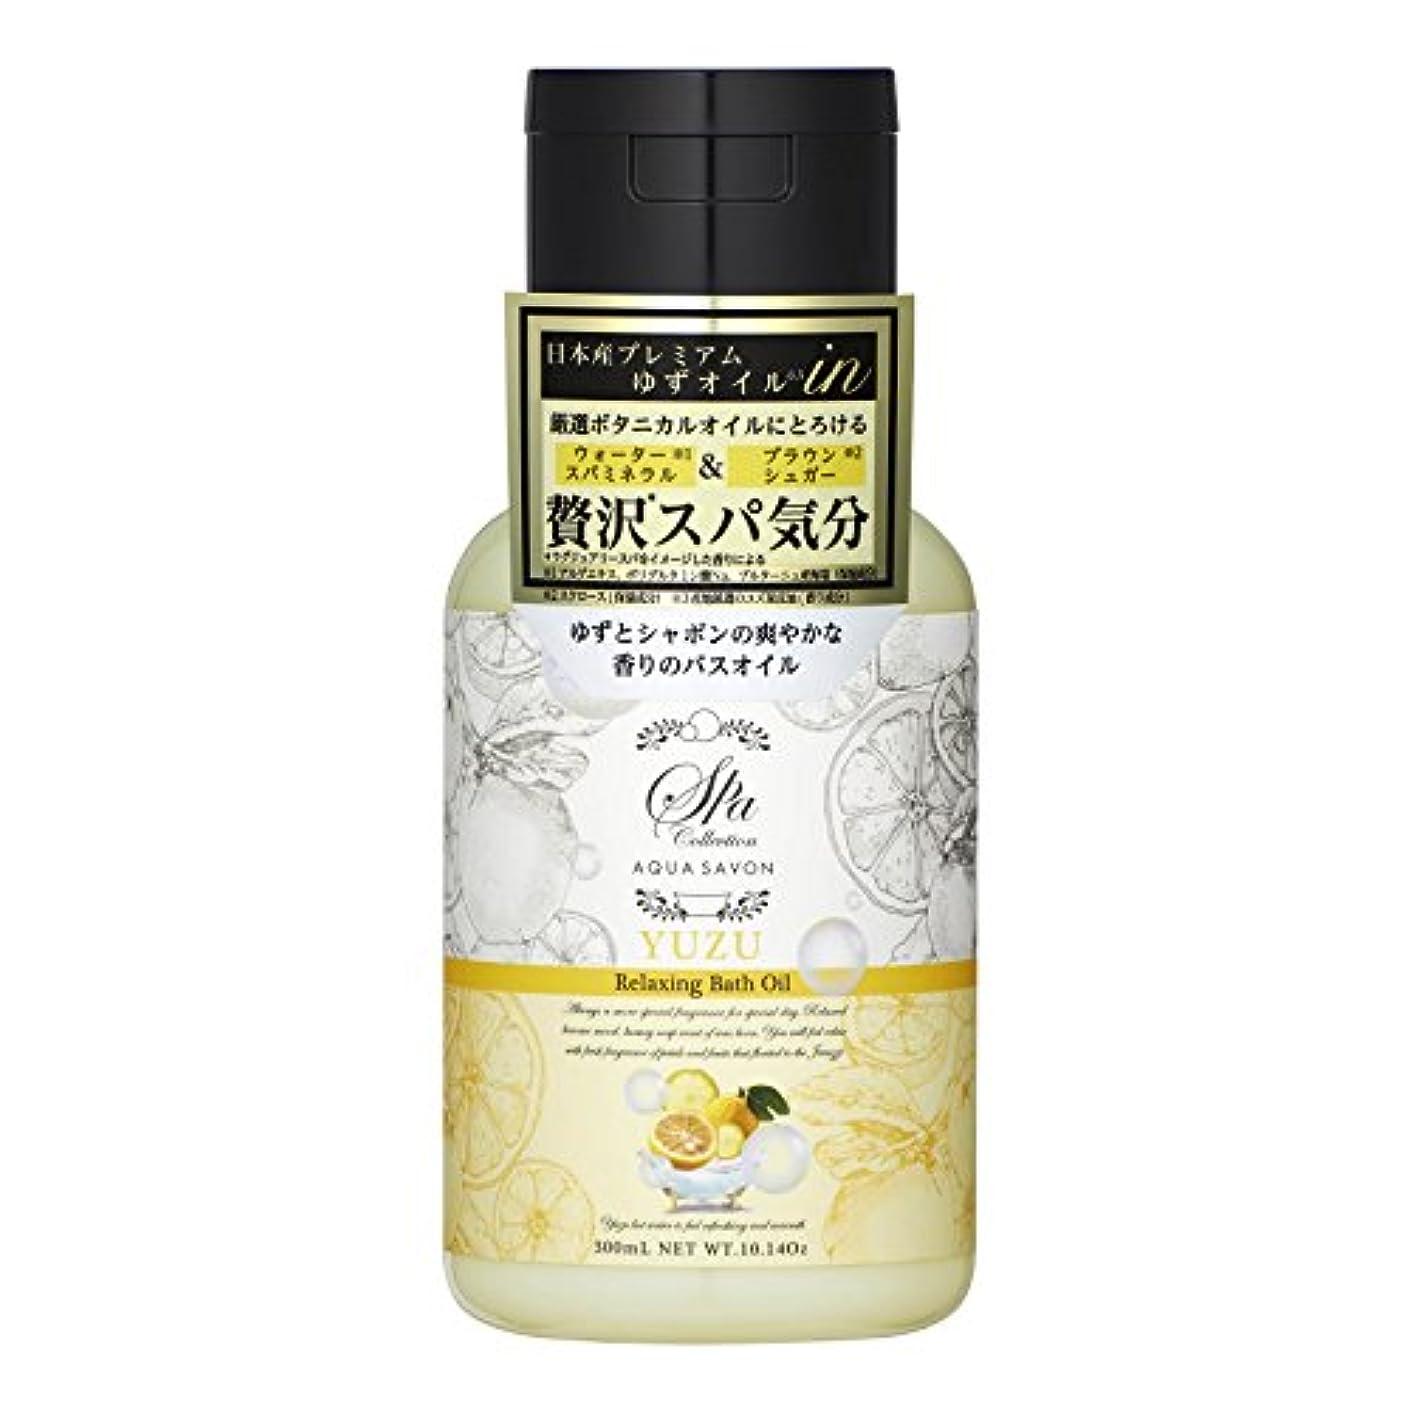 いたずらな農場礼拝アクアシャボン スパコレクション リラクシングバスオイル ゆずスパの香り 300mL